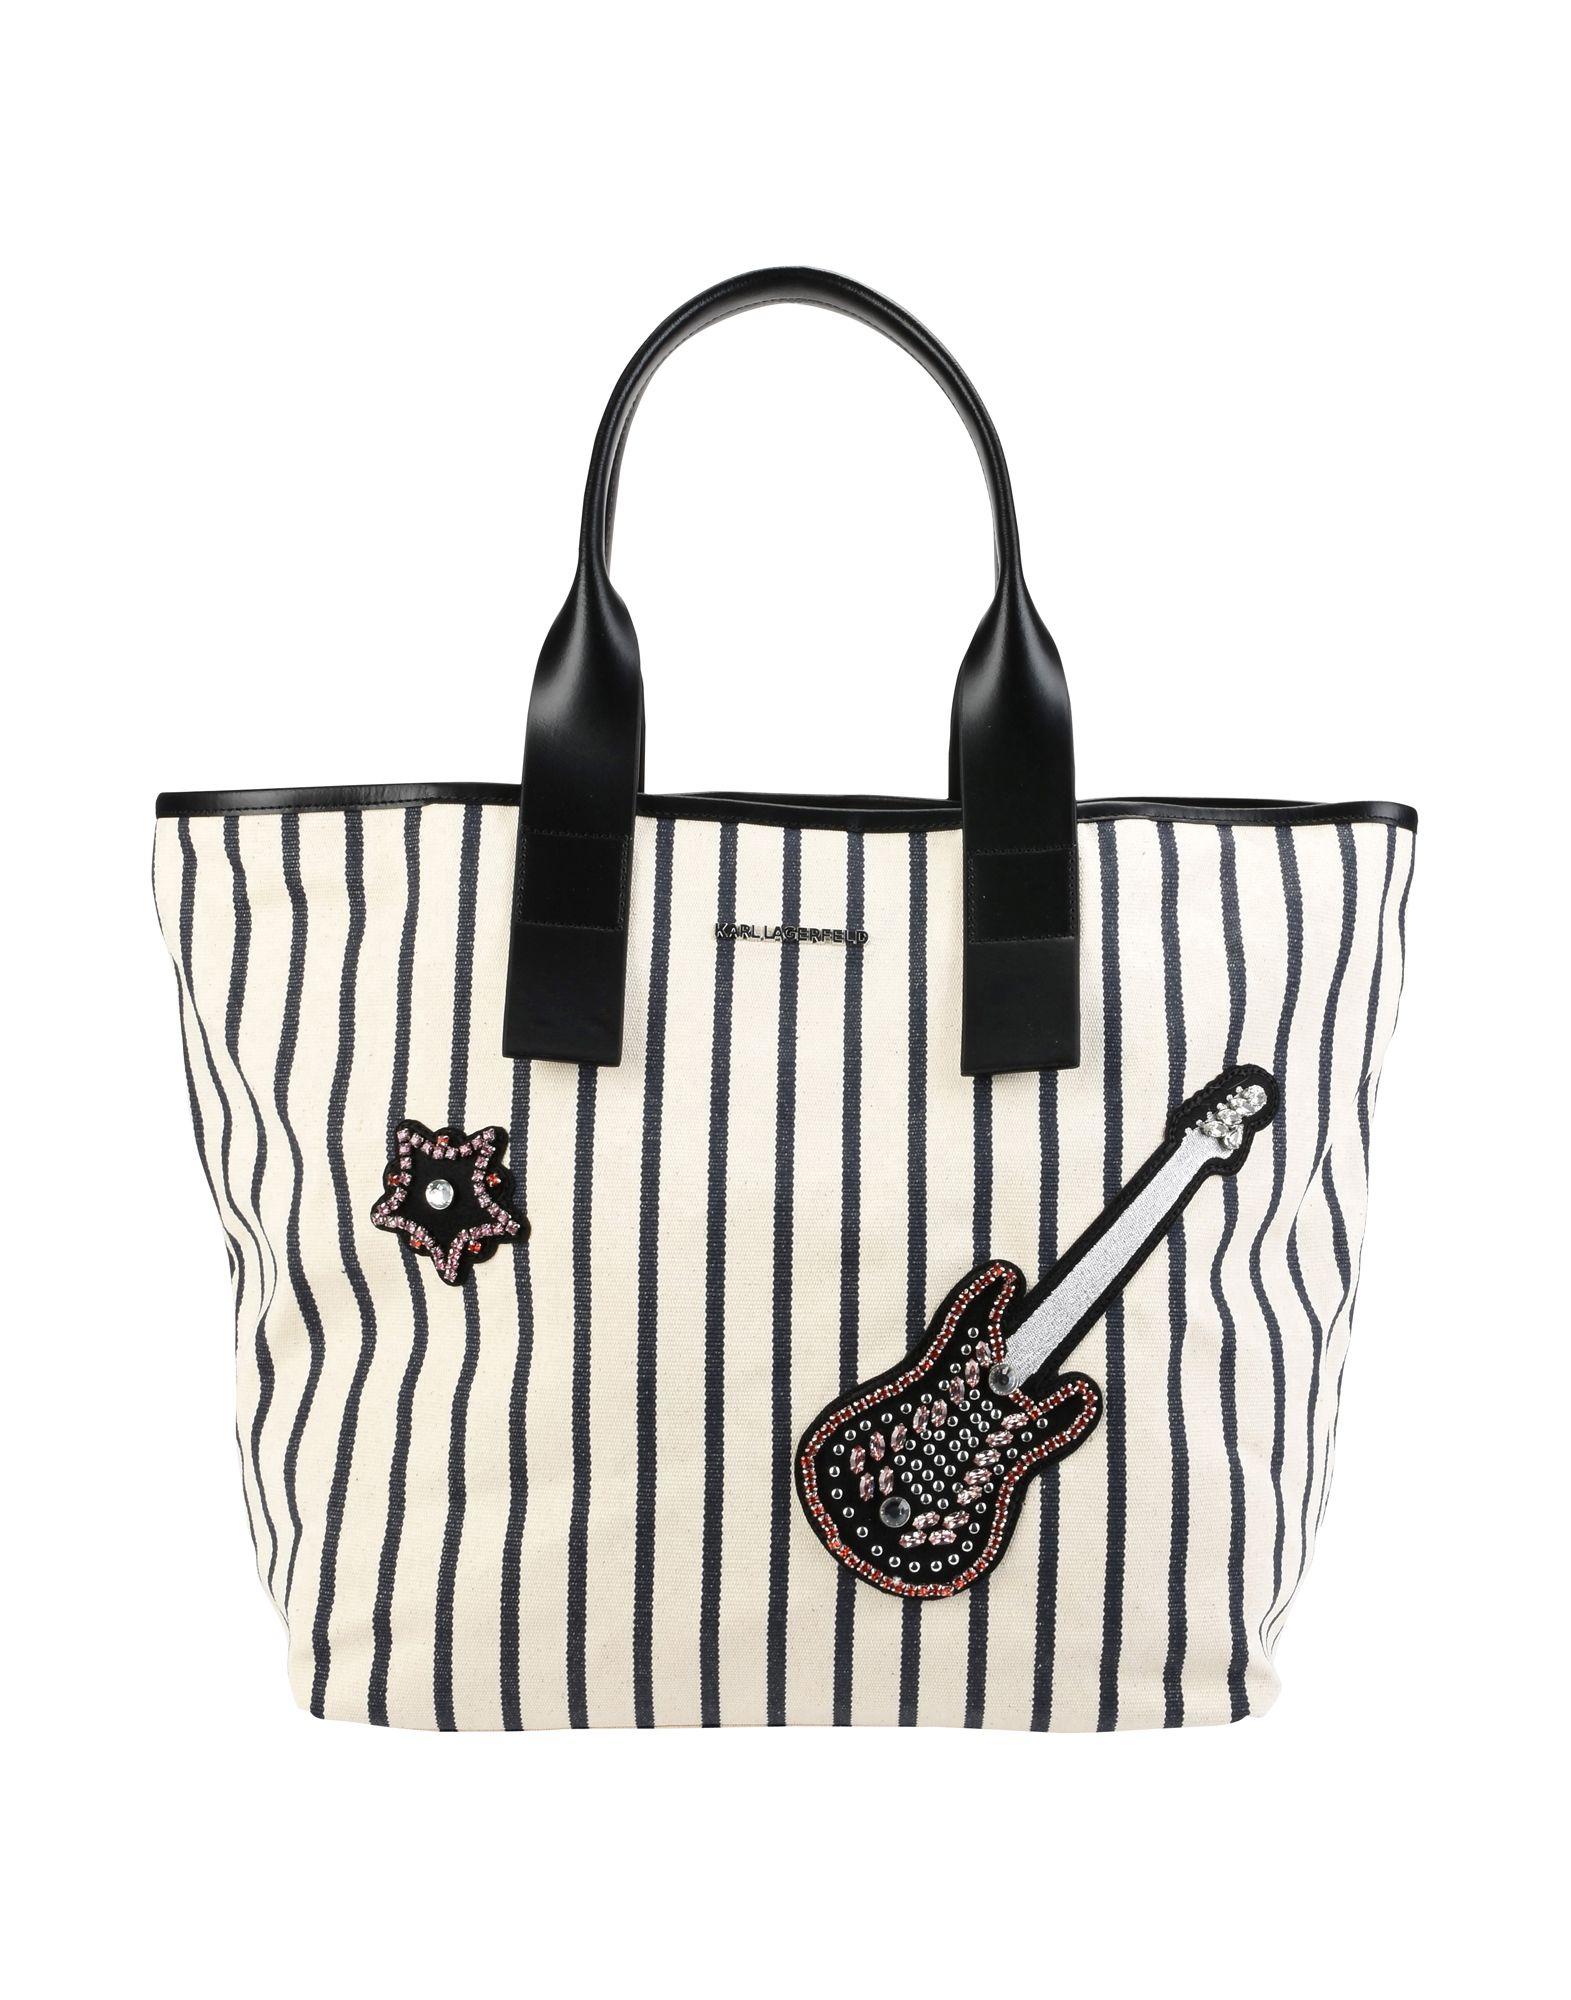 e3a51d60748e Karl Lagerfeld Handbag - Women Karl Lagerfeld Handbags online on YOOX  Latvia - 45402956RX